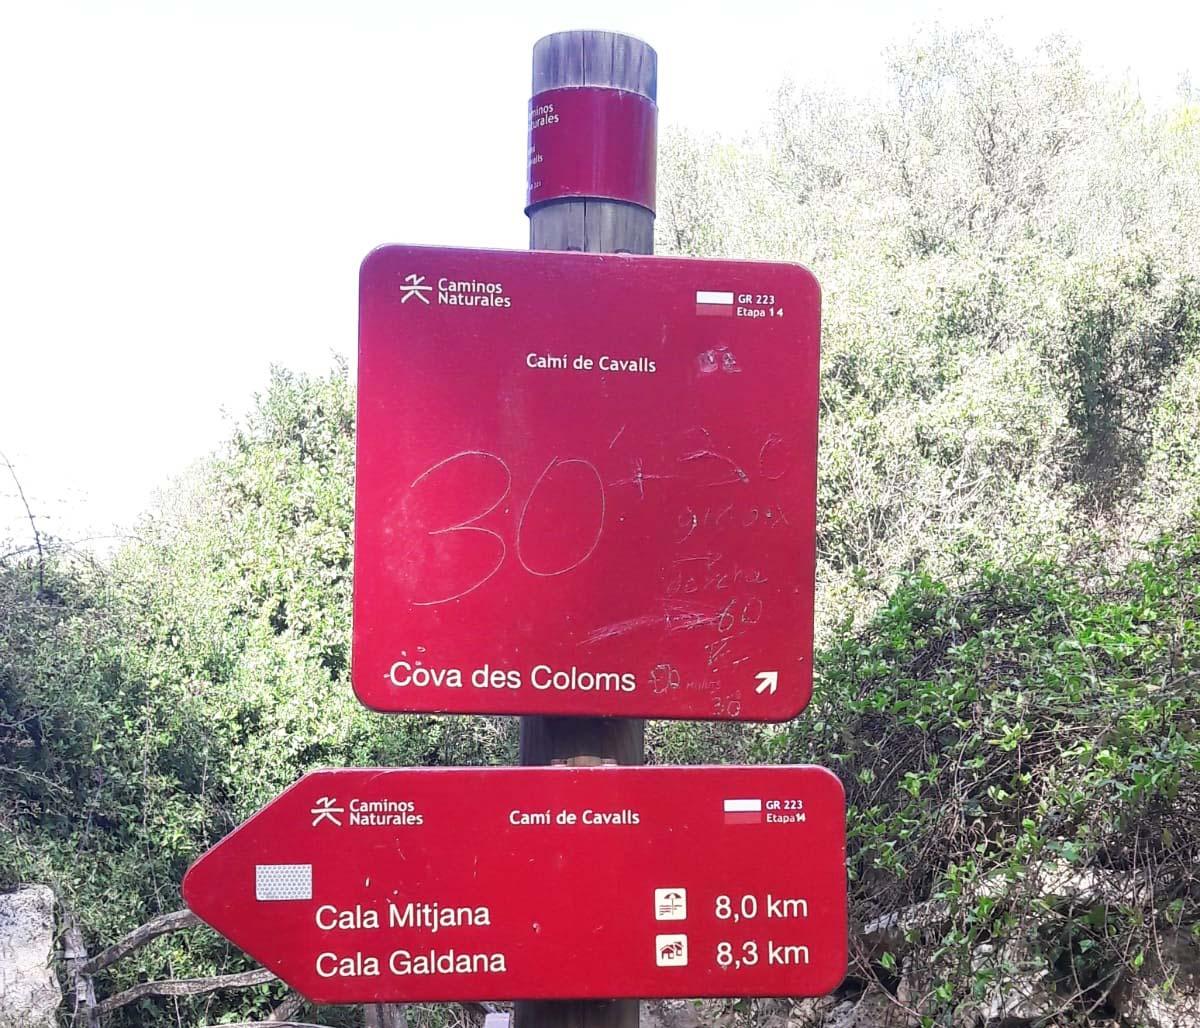 Cami de Cavallas post in Menorca